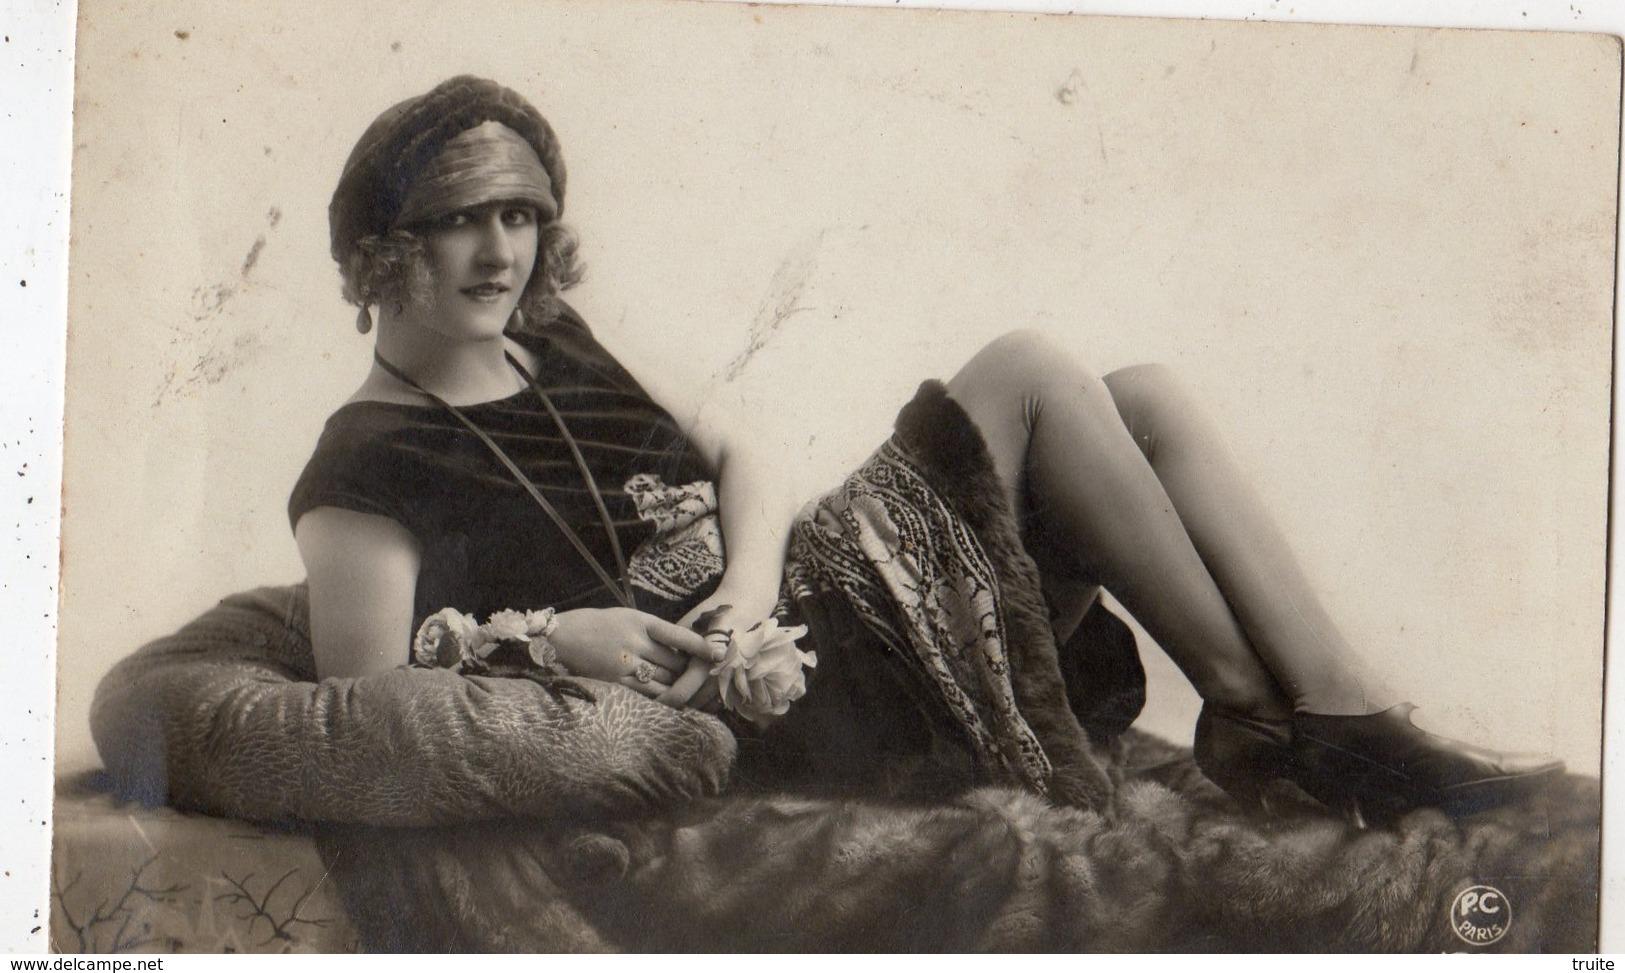 CARTE PHOTO EROTIQUE JEUNE FEMME SUR UNE FOURRURE - Beauté Féminine D'autrefois < 1920